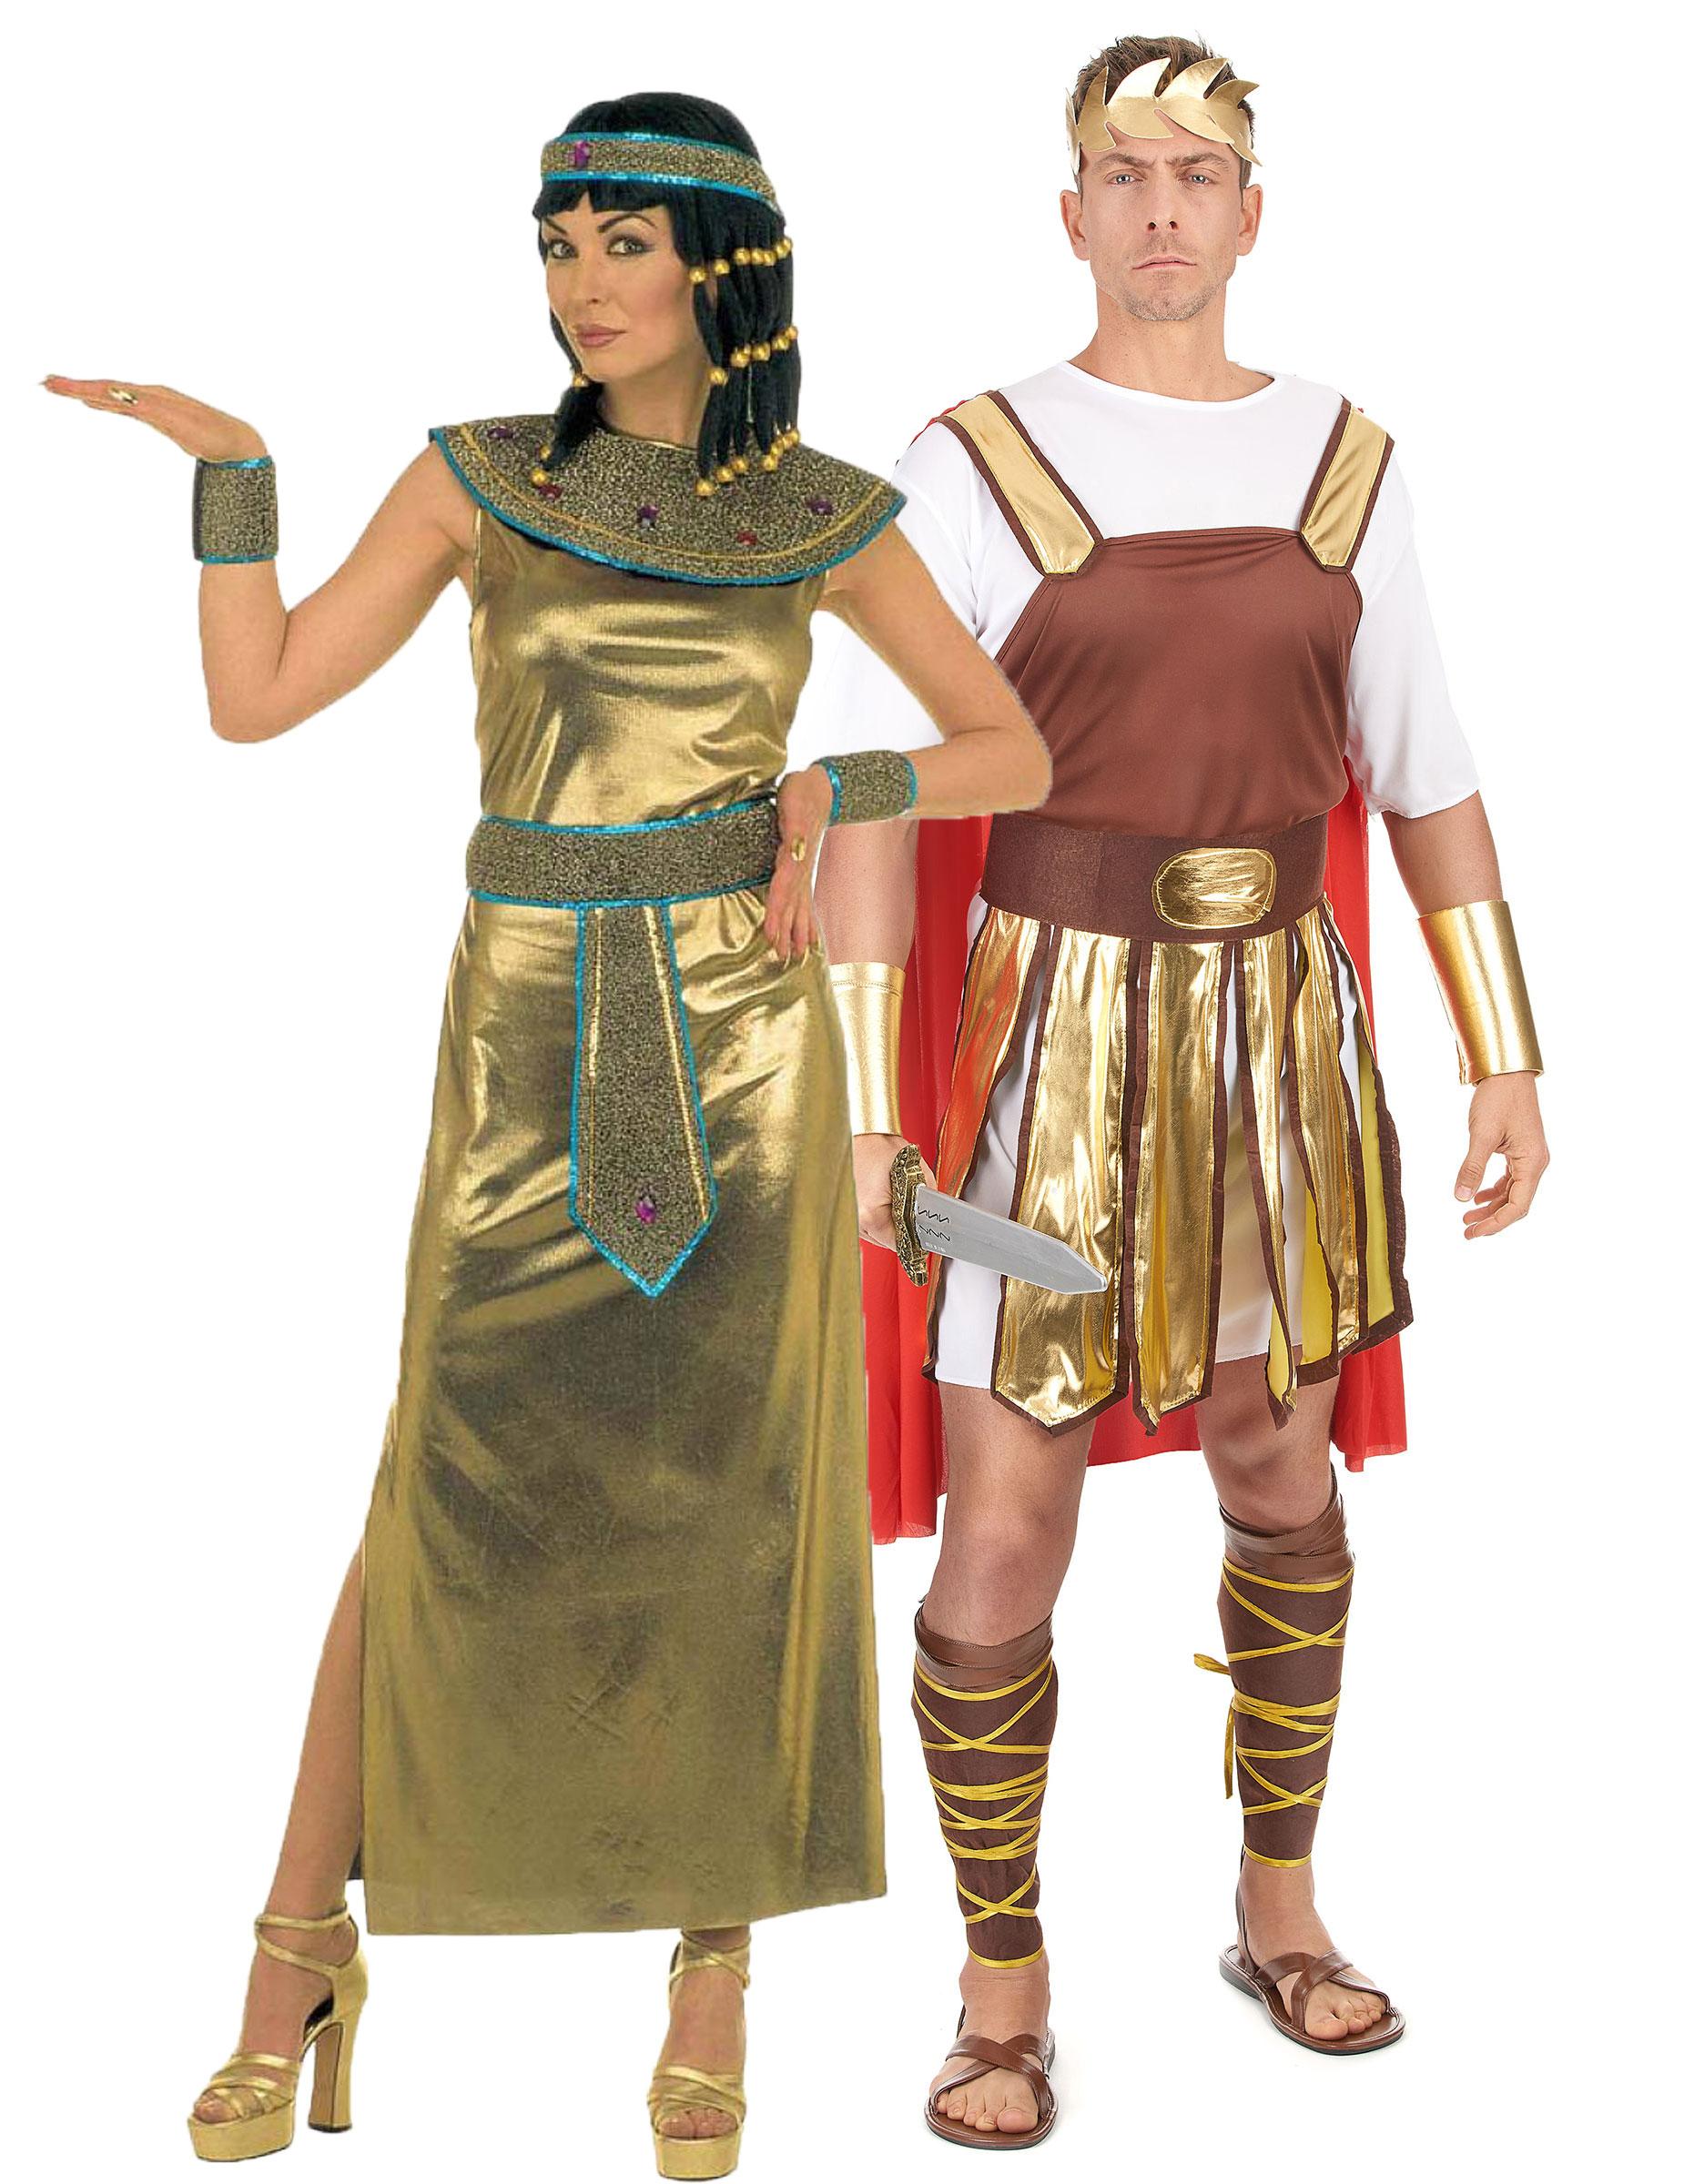 Kleopatra Und Caesar Paarkostum Fur Erwachsene In Gold Braun Und